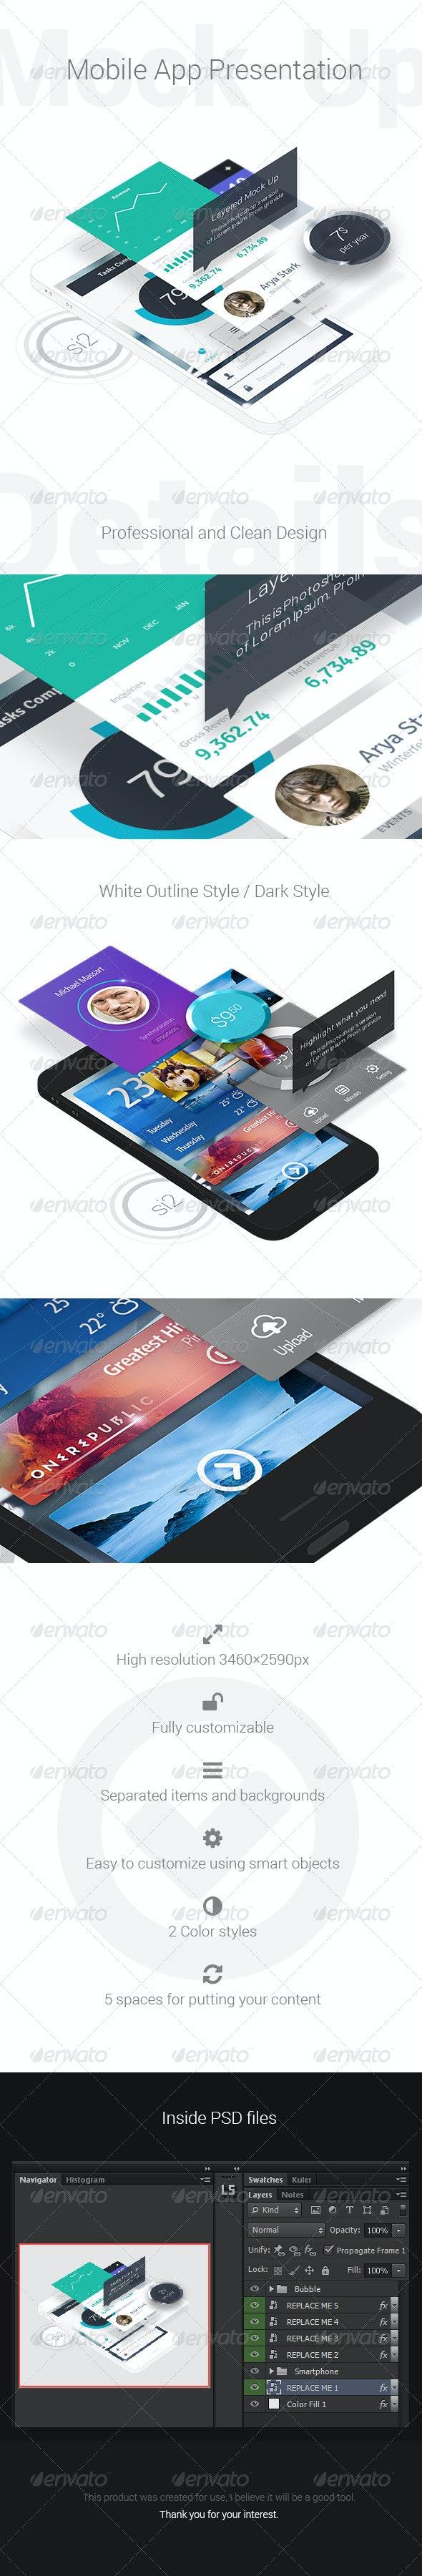 Mobile App Presentation Mock-Up - Mobile Displays